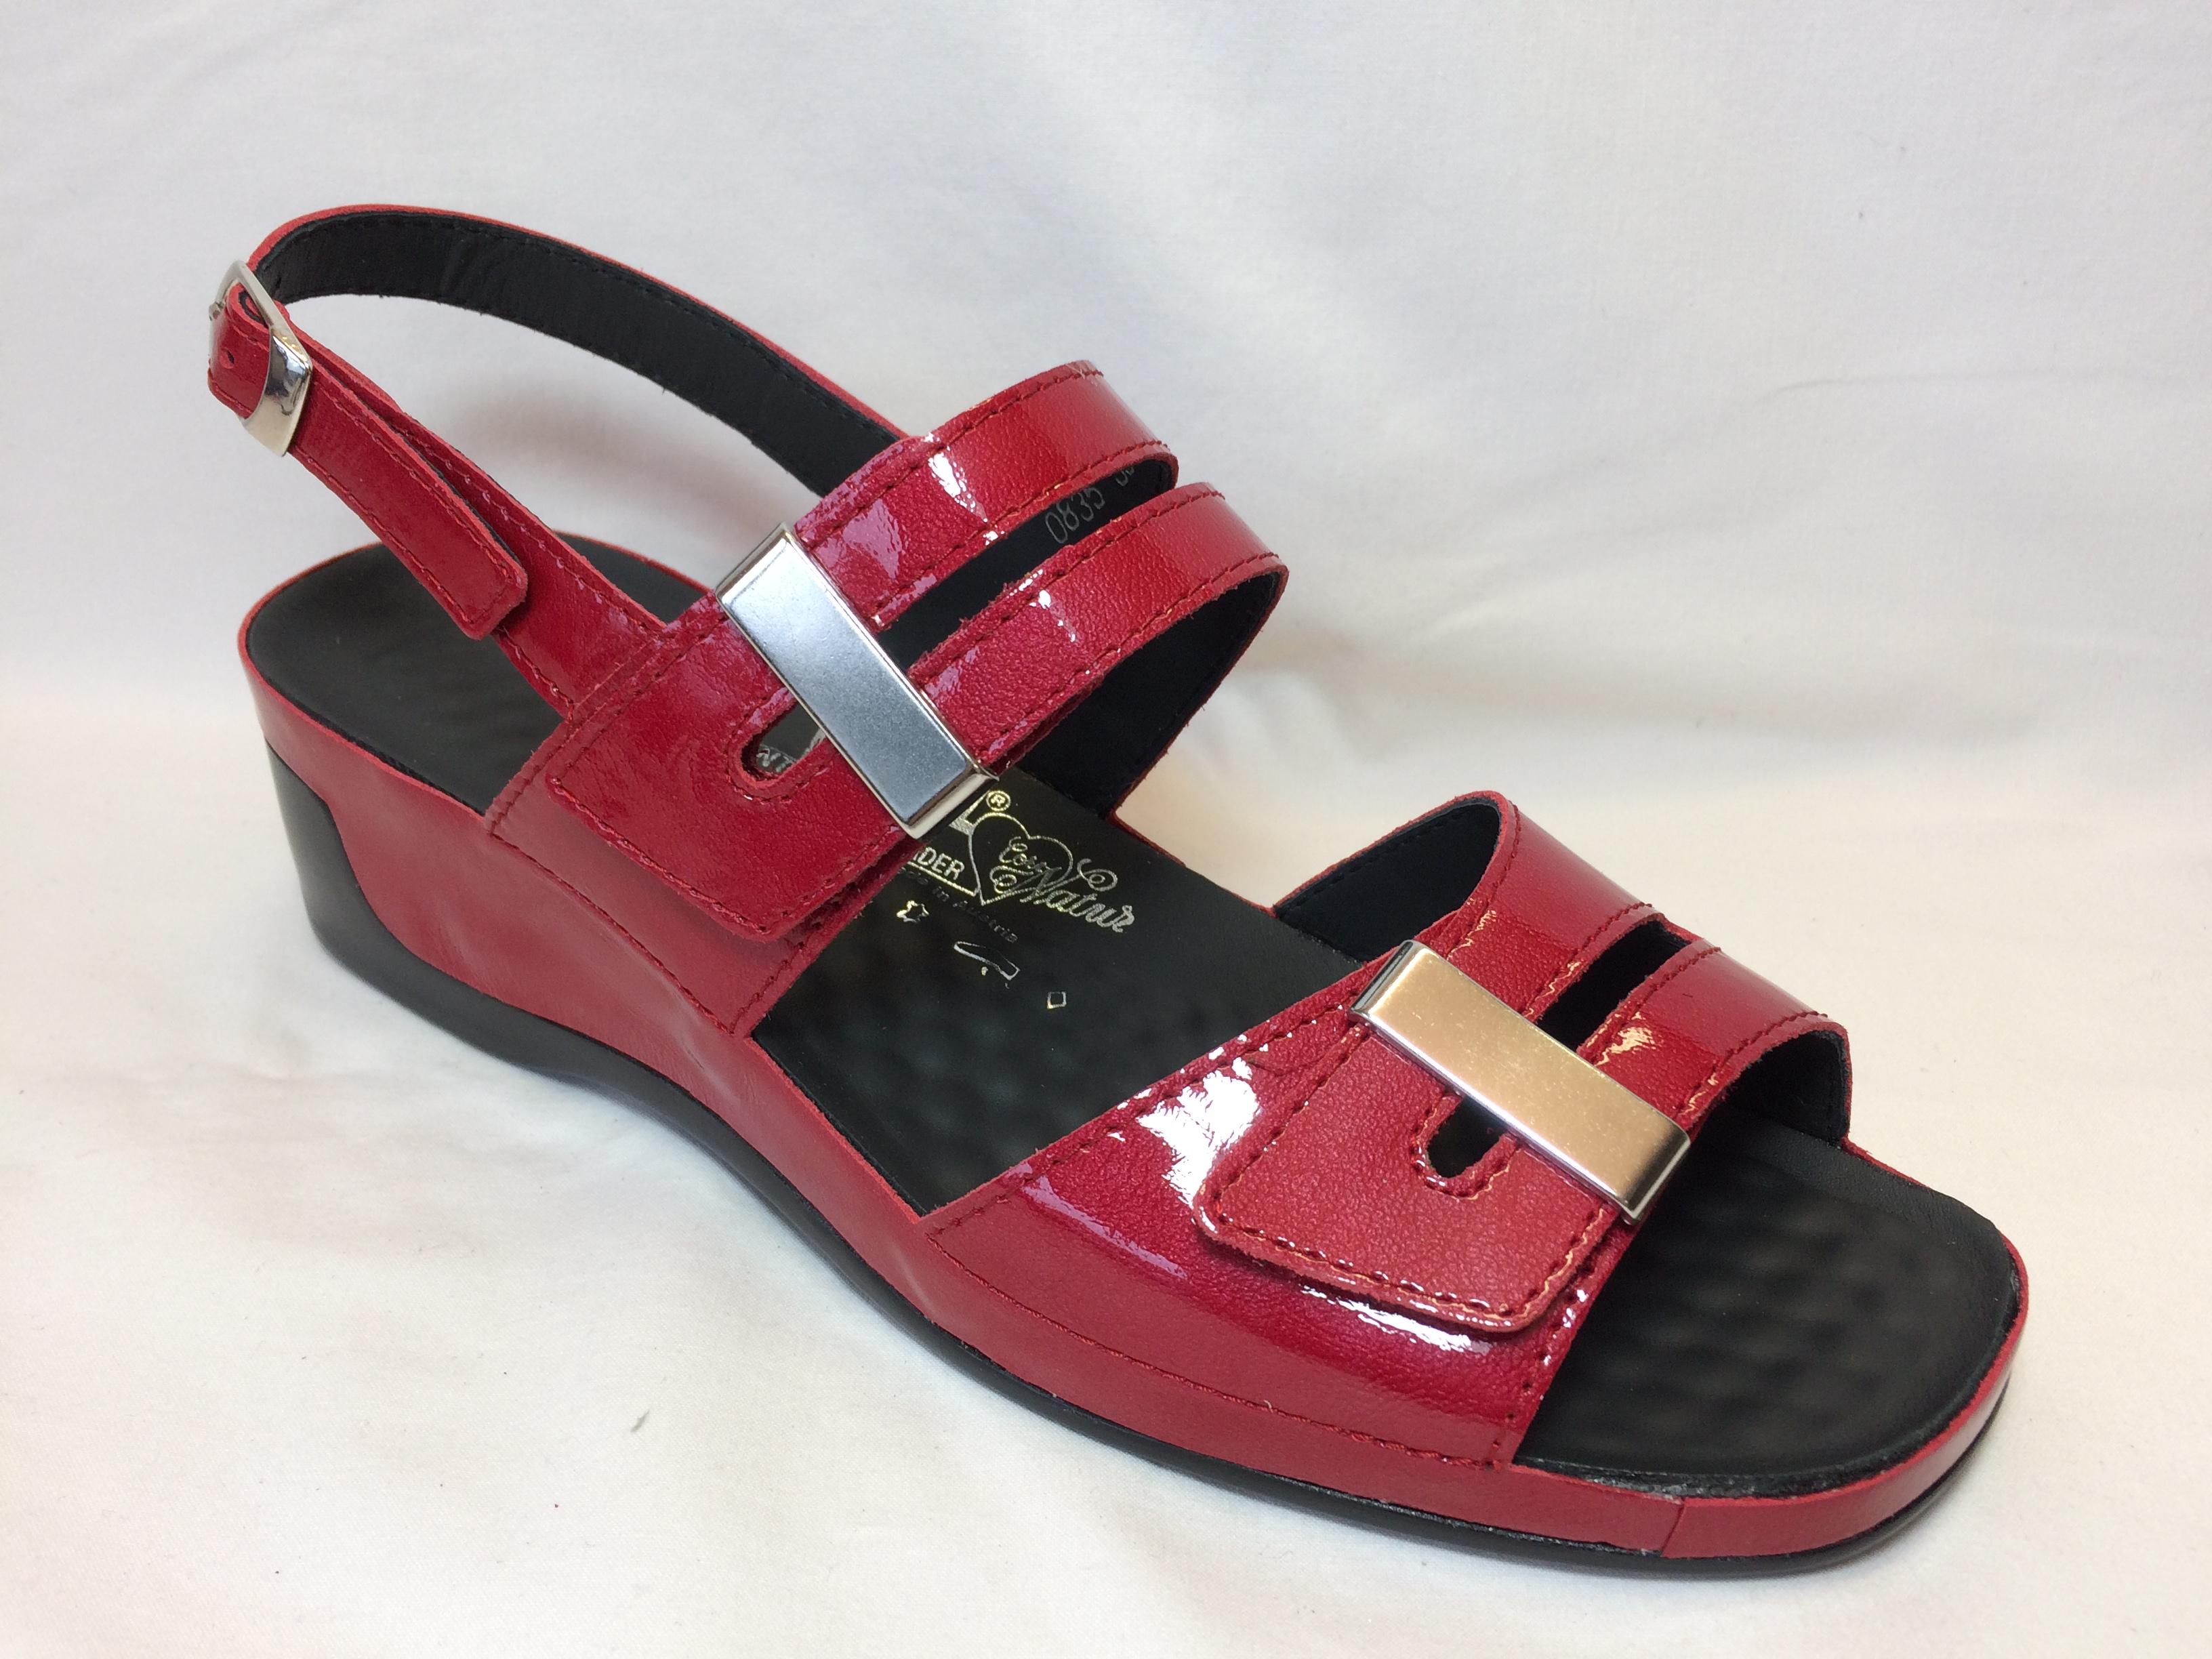 Magasin de chaussures orthopédiques à Jodoigne - Vital